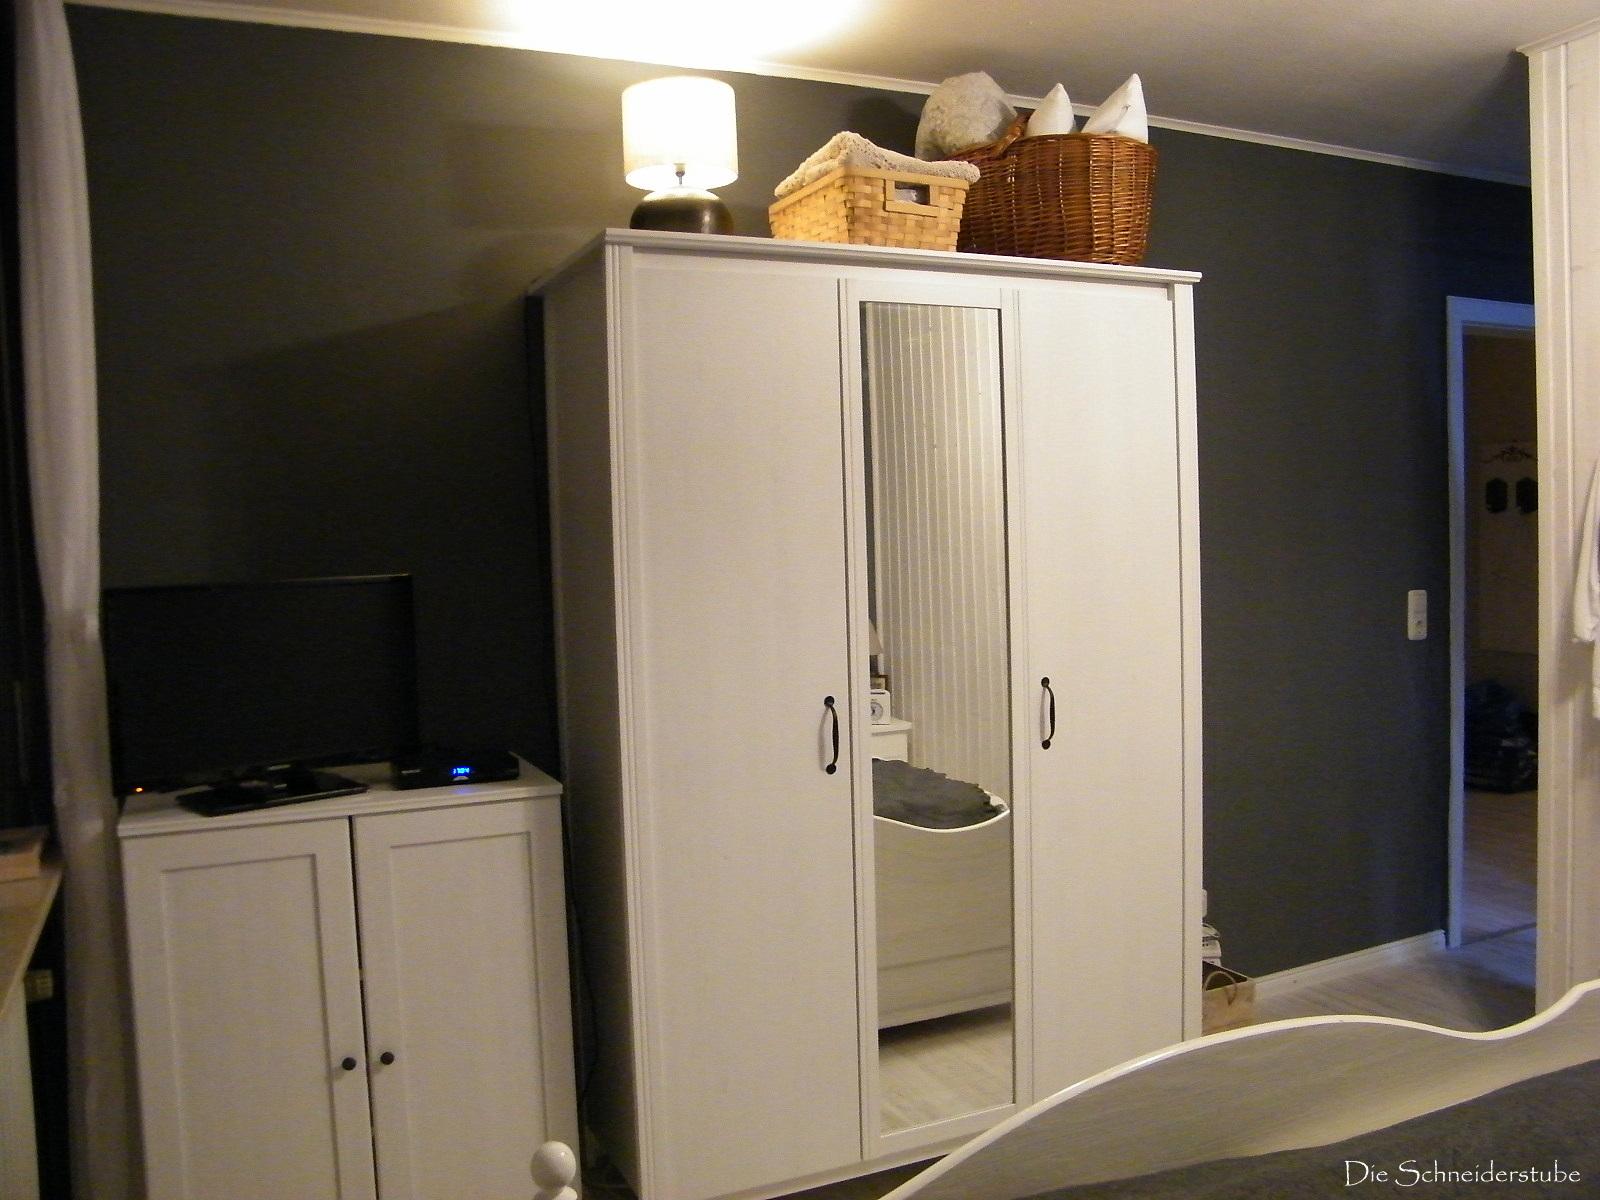 Die schneiderstube : neue gemütlichkeit im schlafzimmer